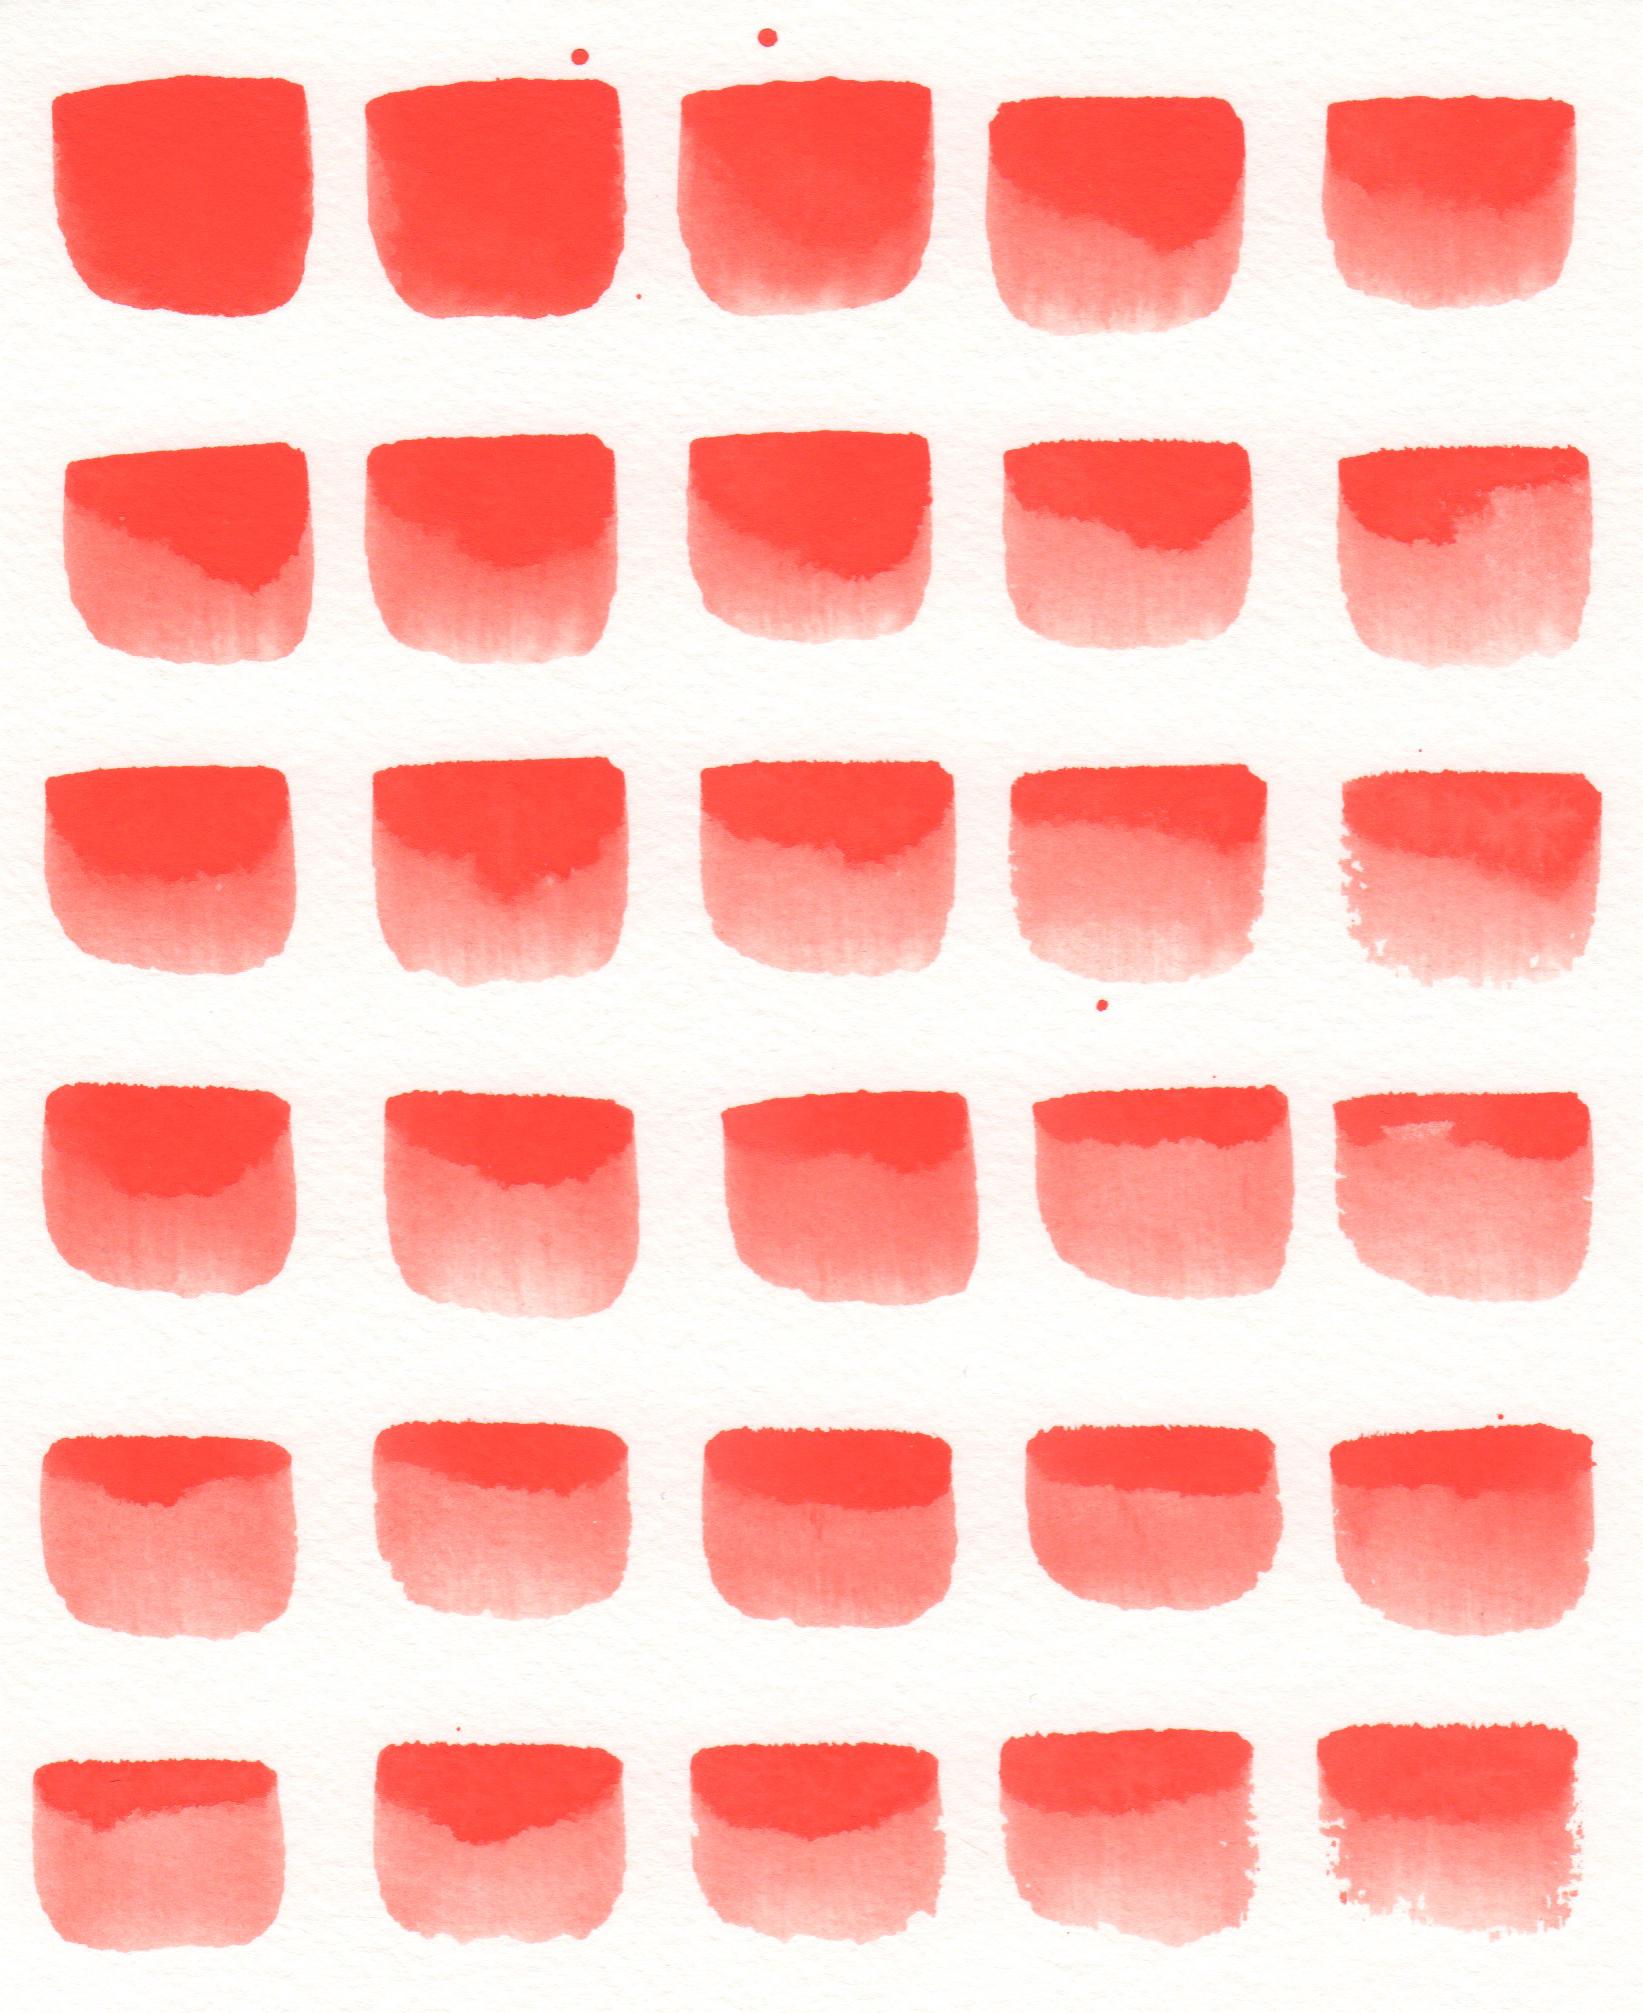 red_brush_squared.jpg